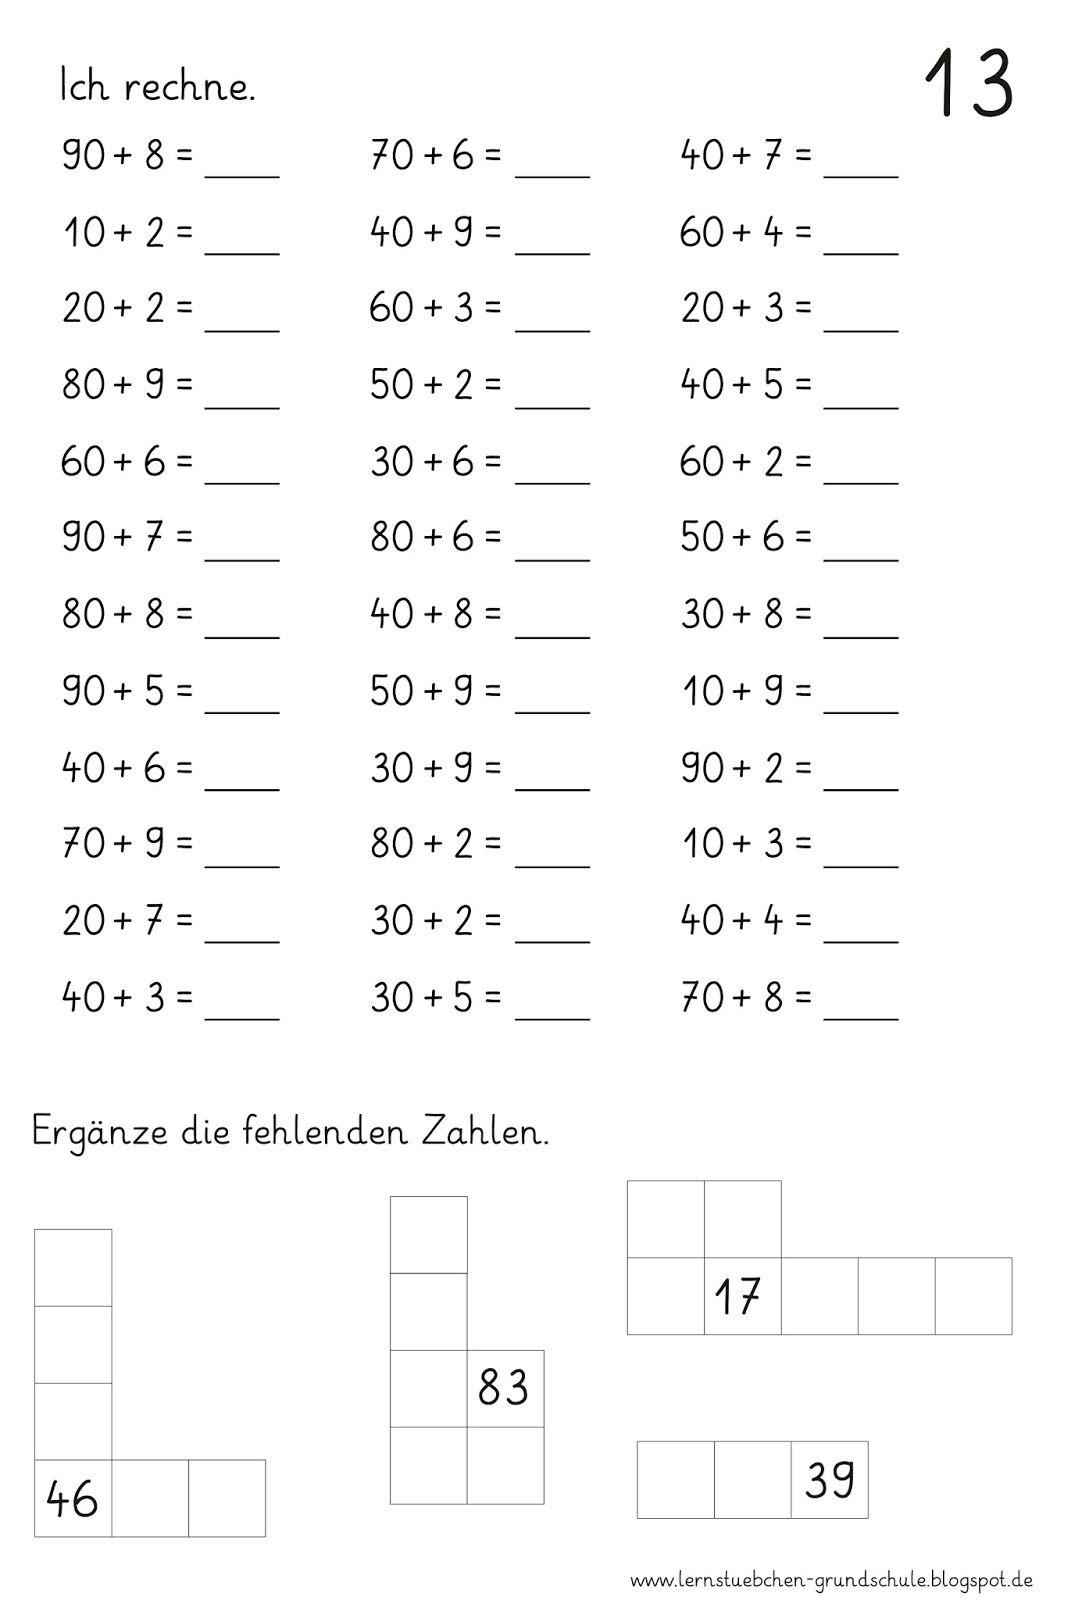 16 Ab Rechnen Mit Zz Und Hundertertafel 13